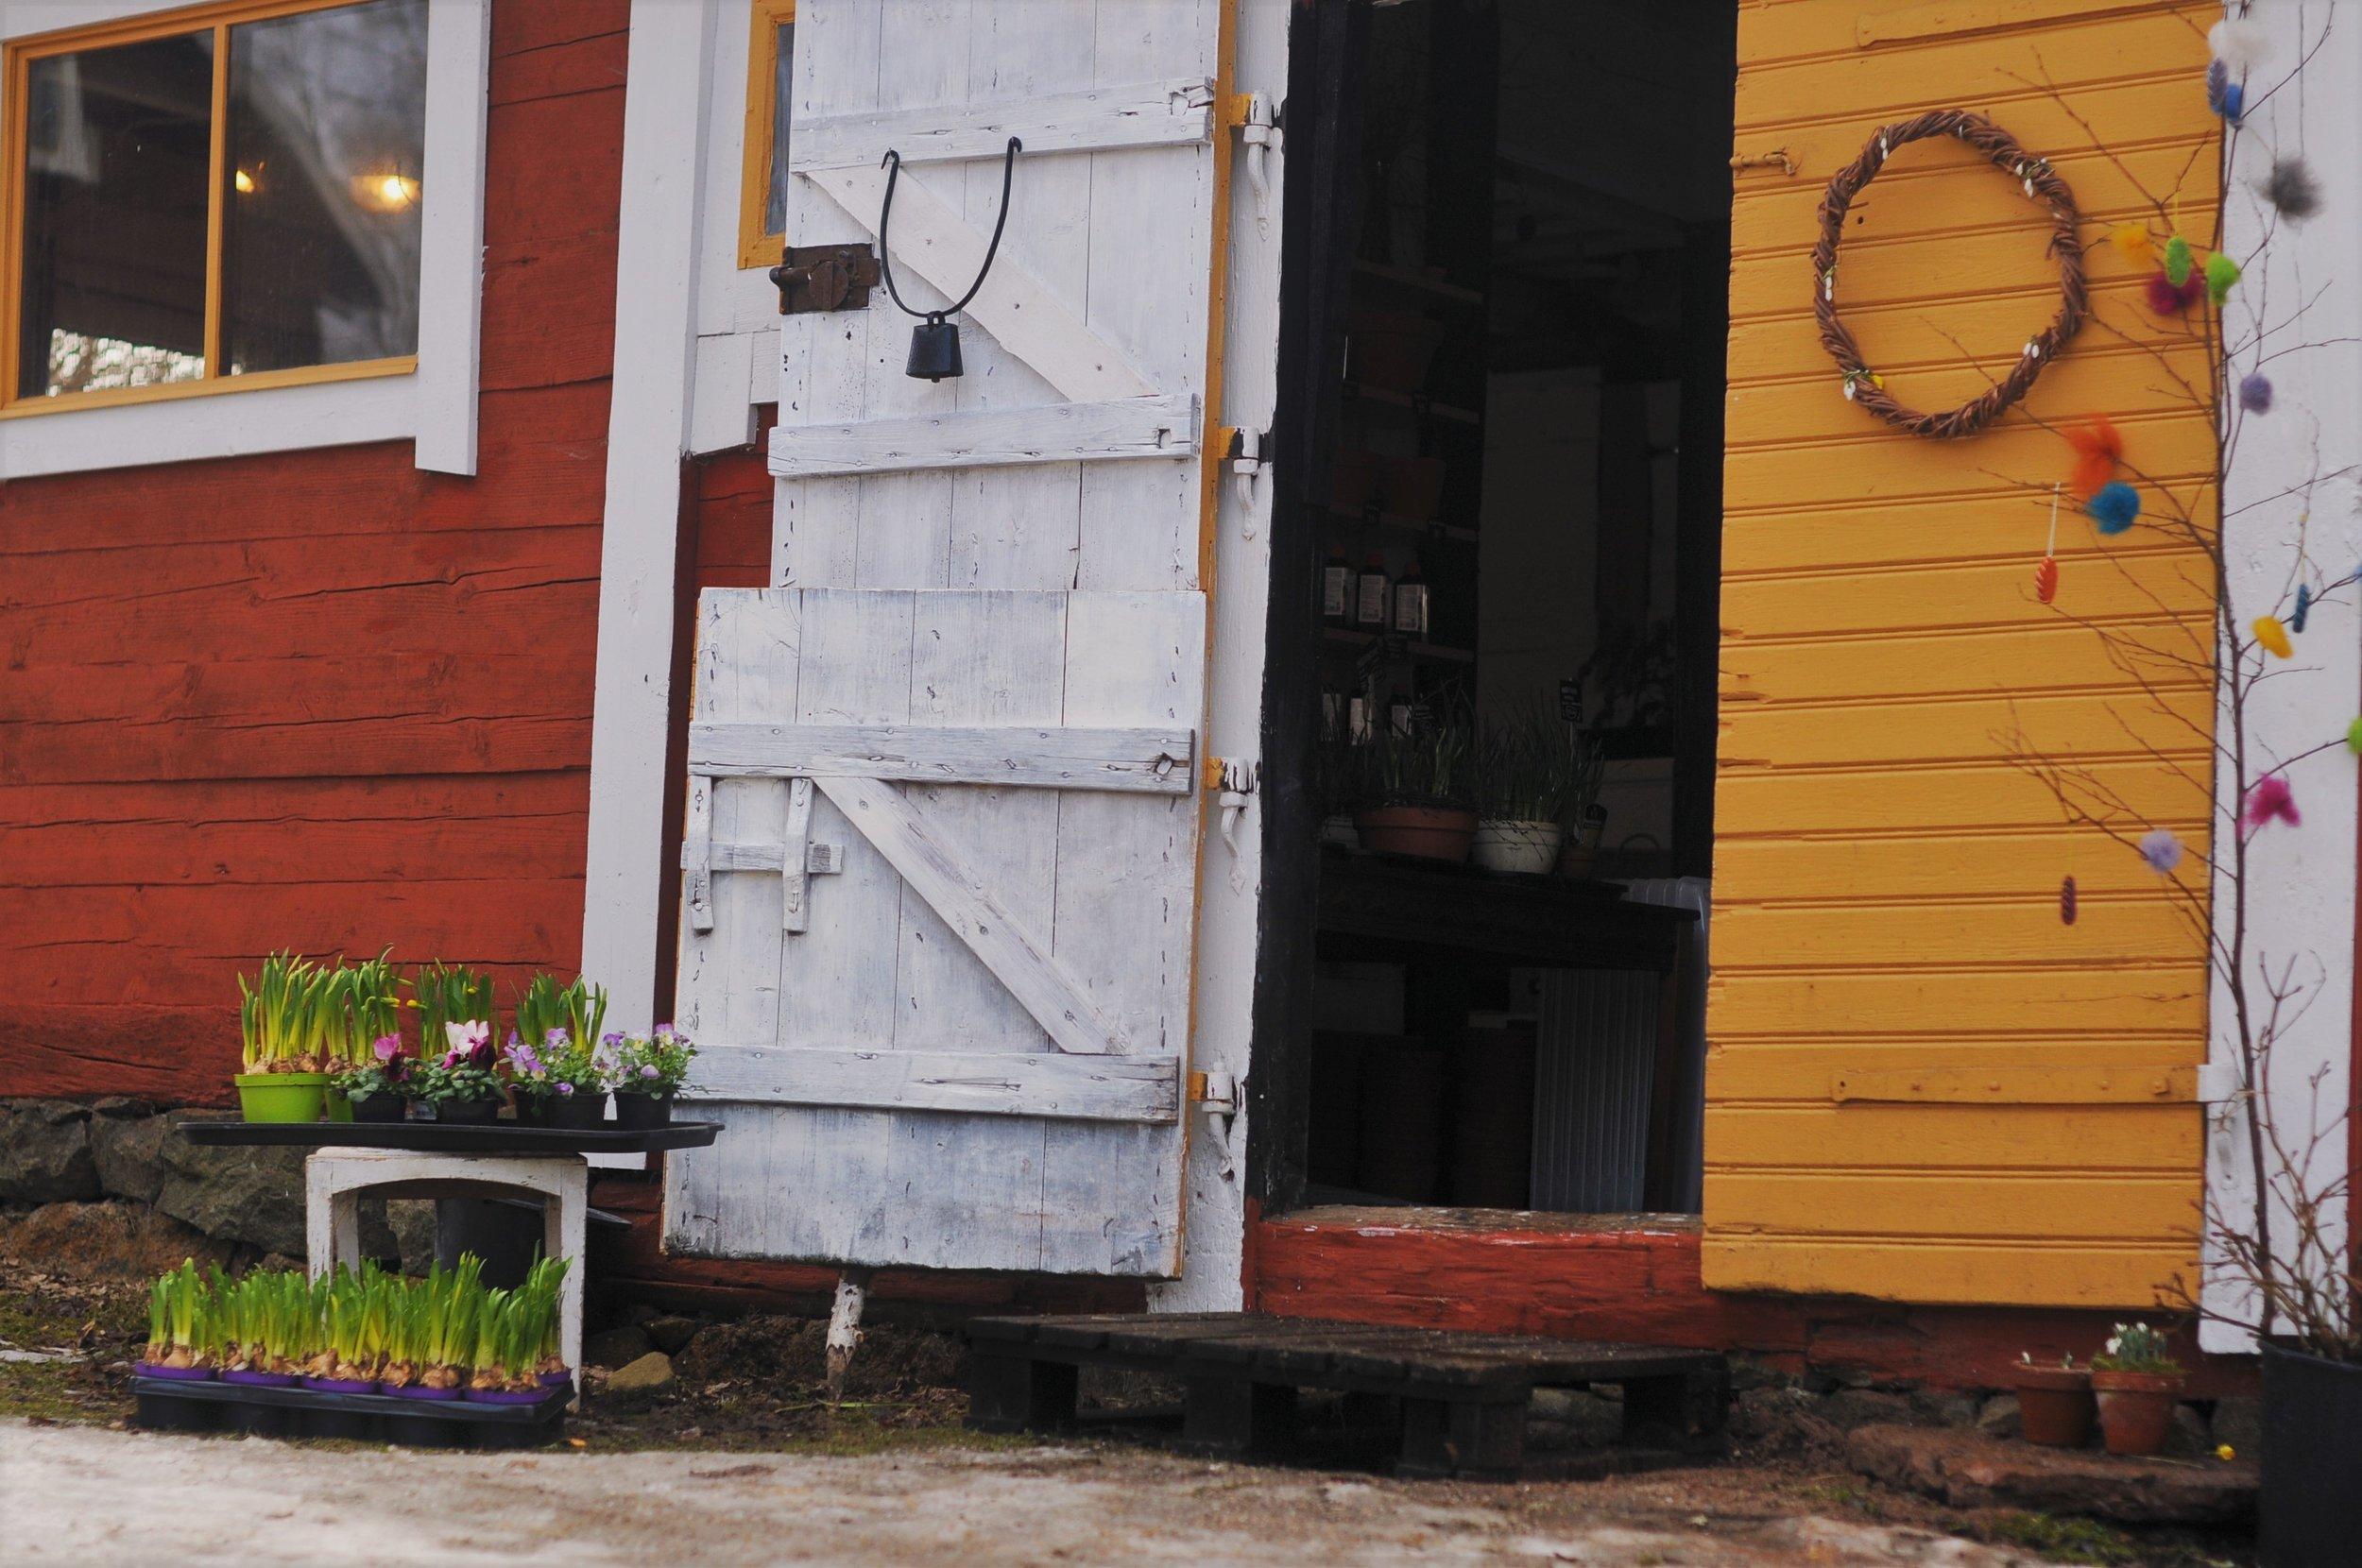 Fiddekulla Trädgårds butik! Lantligt och gediget. Koskällan är väldigt gammal och kommer från min morfars far som hade en ko när han bodde i vissefjärda. Den här koskällan har hängt på en vägg i skara i kanske 60 år men är nu 'hemma' i Vissefjärda igen!Den fungerar idag som dörrklocka i trädgårdsbutiken!